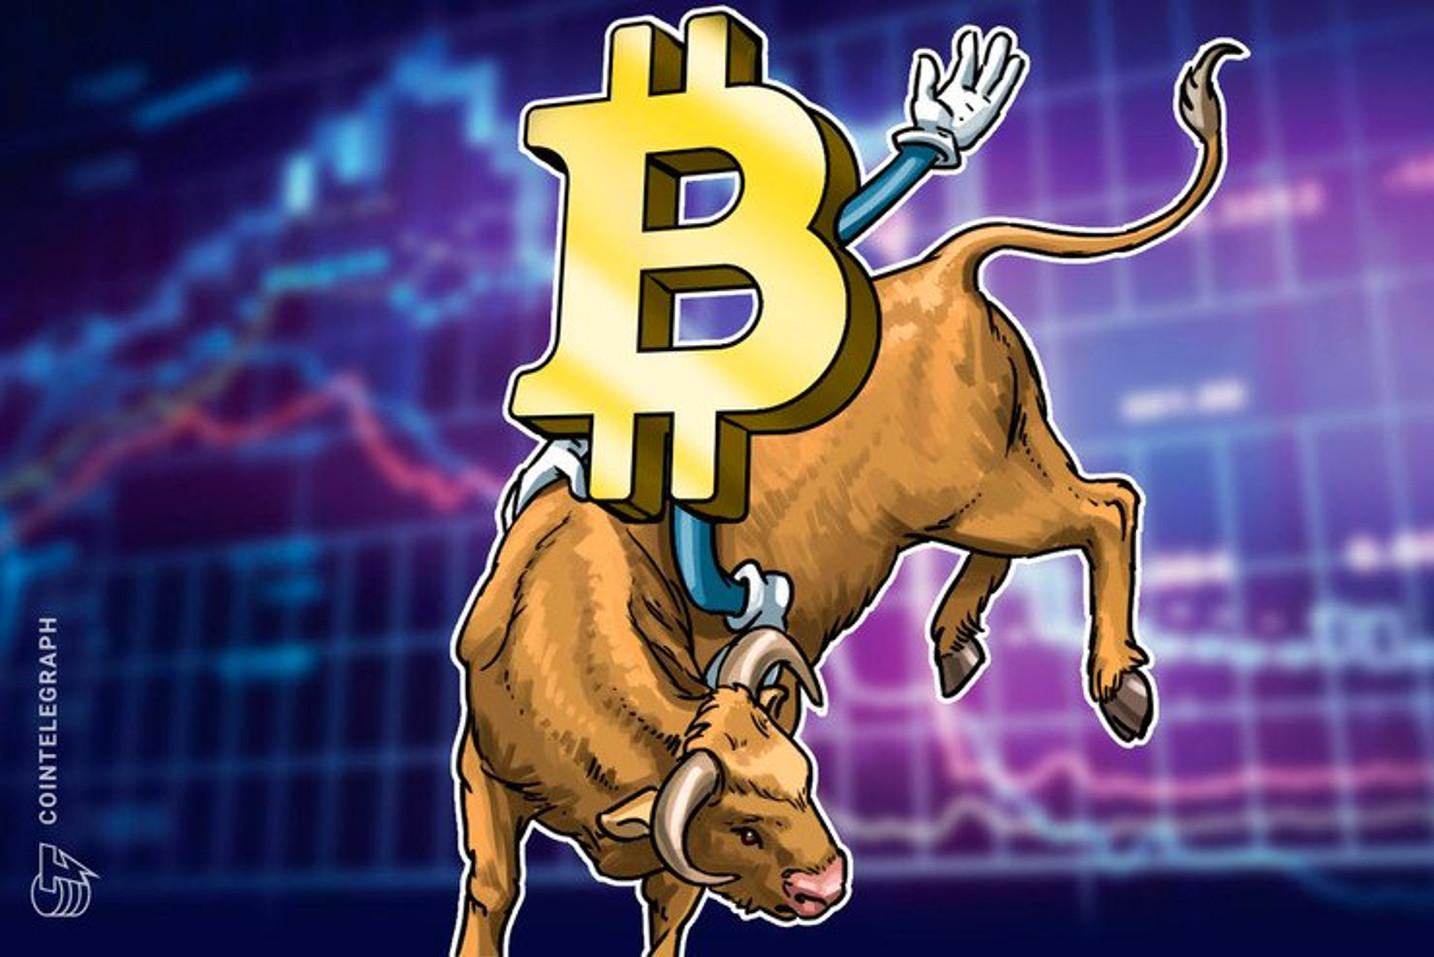 Foxbit quer ganhar US$ 1 milhão e monta equipe de traders para competir em torneio da Binance